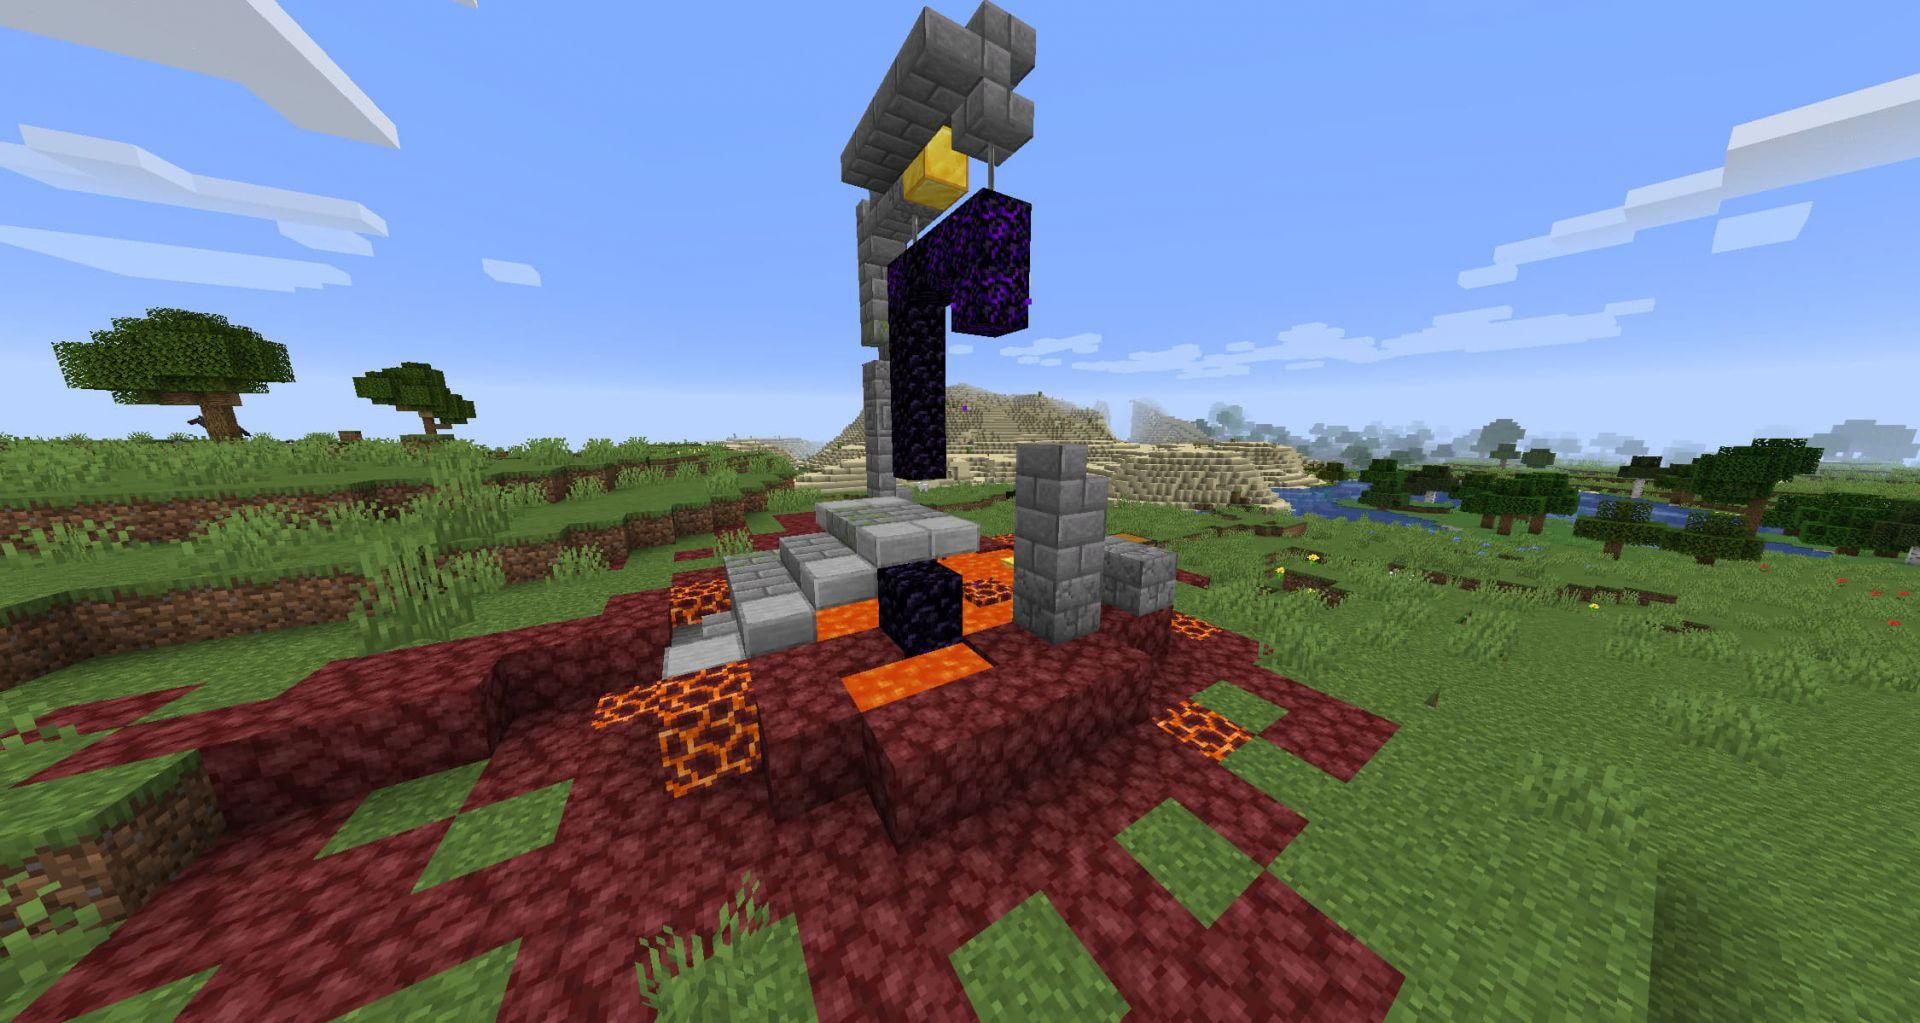 Portal en ruinas en la superficie de Minecraft Nether Update Snapshot 20W16A 2